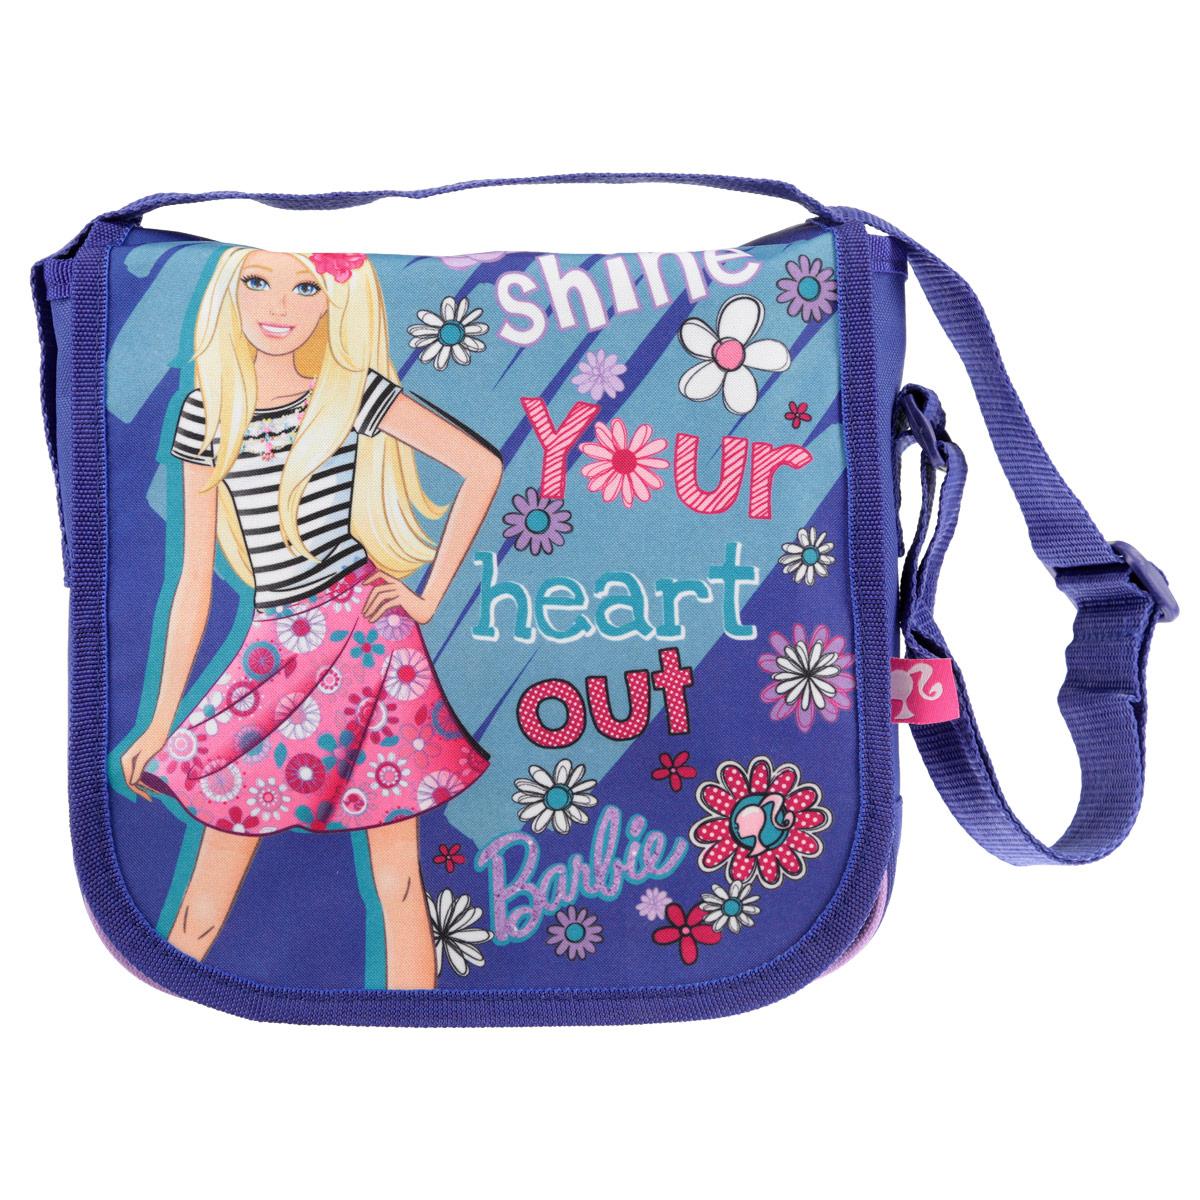 Сумочка детская Barbie, цвет: фиолетовыйBRCB-UT4-4022Стильная детская сумочка Barbie, оформленная изображением известной игрушки Барби, несомненно, понравится вашей малышке.Сумочка имеет одно вместительное отделение, закрывающееся на металлическую застежку-молнию и клапаном на липучках, что дает дополнительную сохранность содержимого сумочки. Сумочка оснащена регулируемым по длине ремнем для переноски, благодаря чему подойдет детям любого роста.Окантовка сумки выполнена из плотной текстильной каймы. Каждая юная поклонница популярной серии игрушек, будет рада такому аксессуару.Предназначено для детей 7-10 лет.